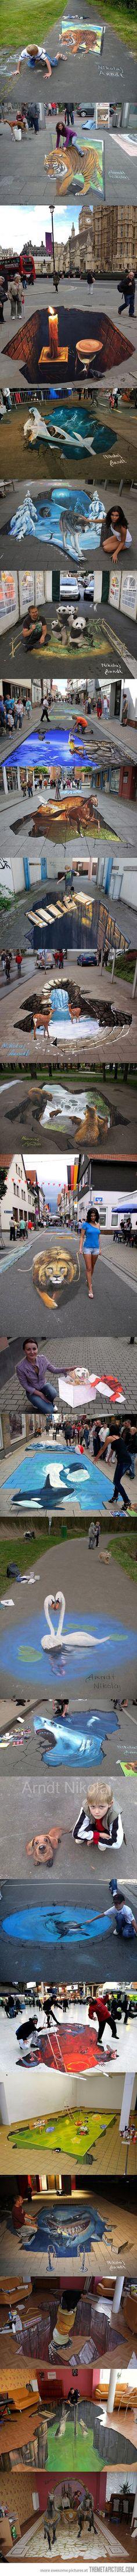 Best of 3D street art…